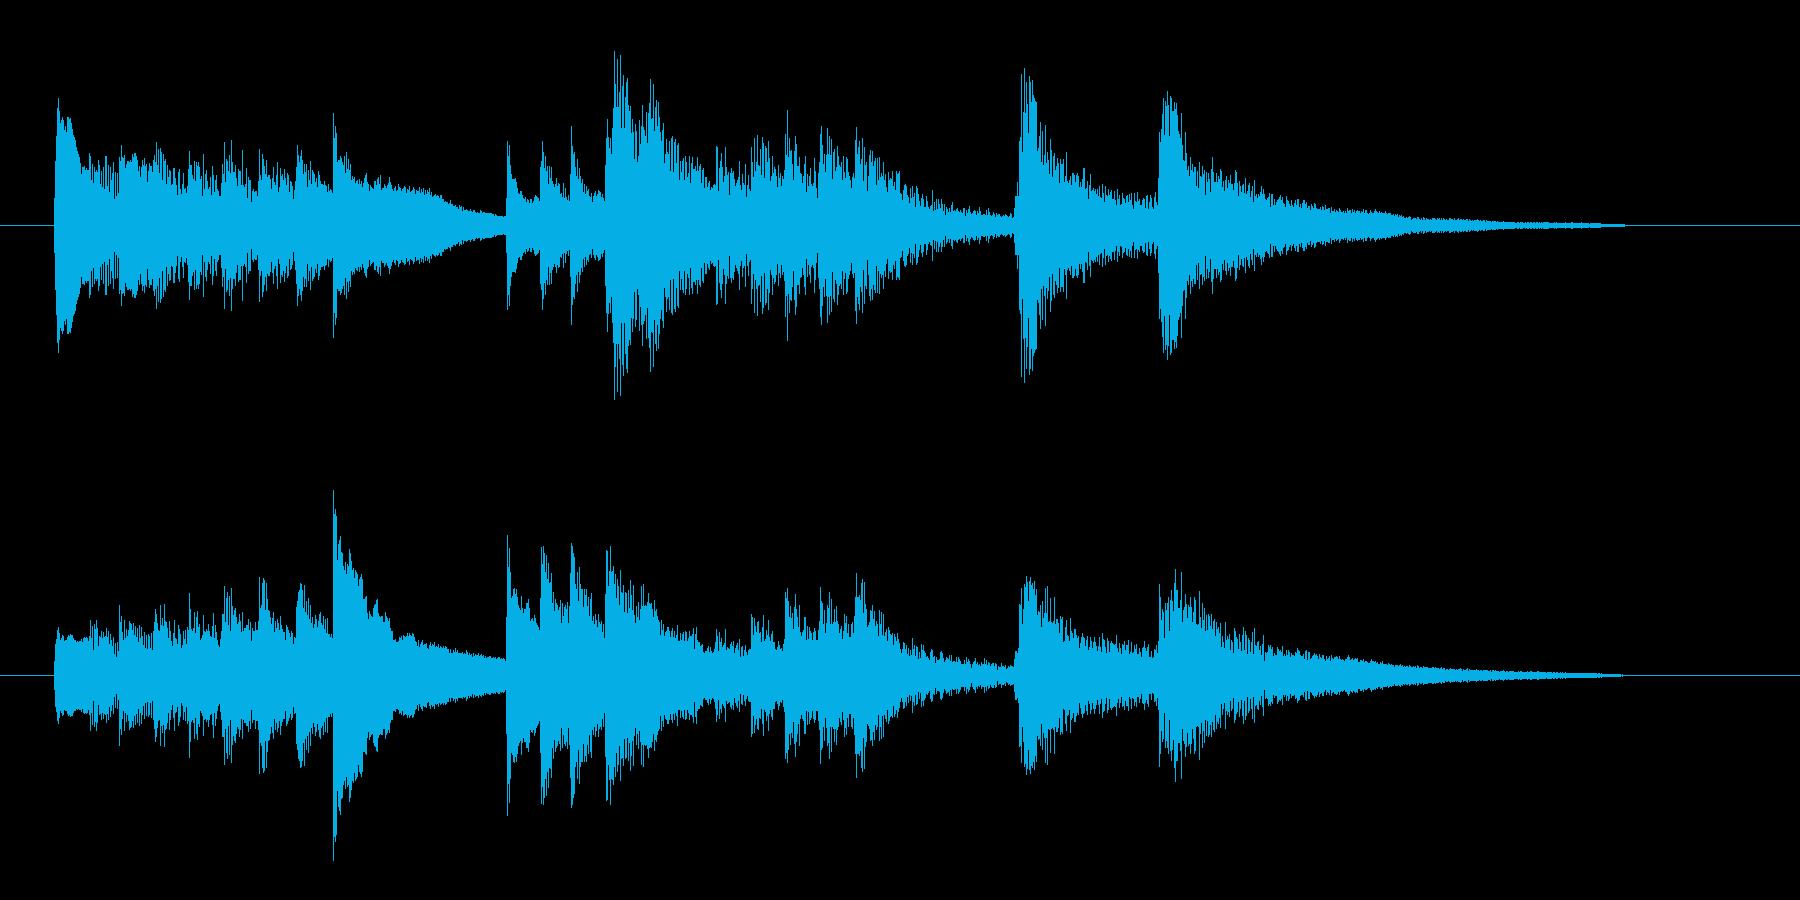 ピアノによるバラード的なジングル曲の再生済みの波形